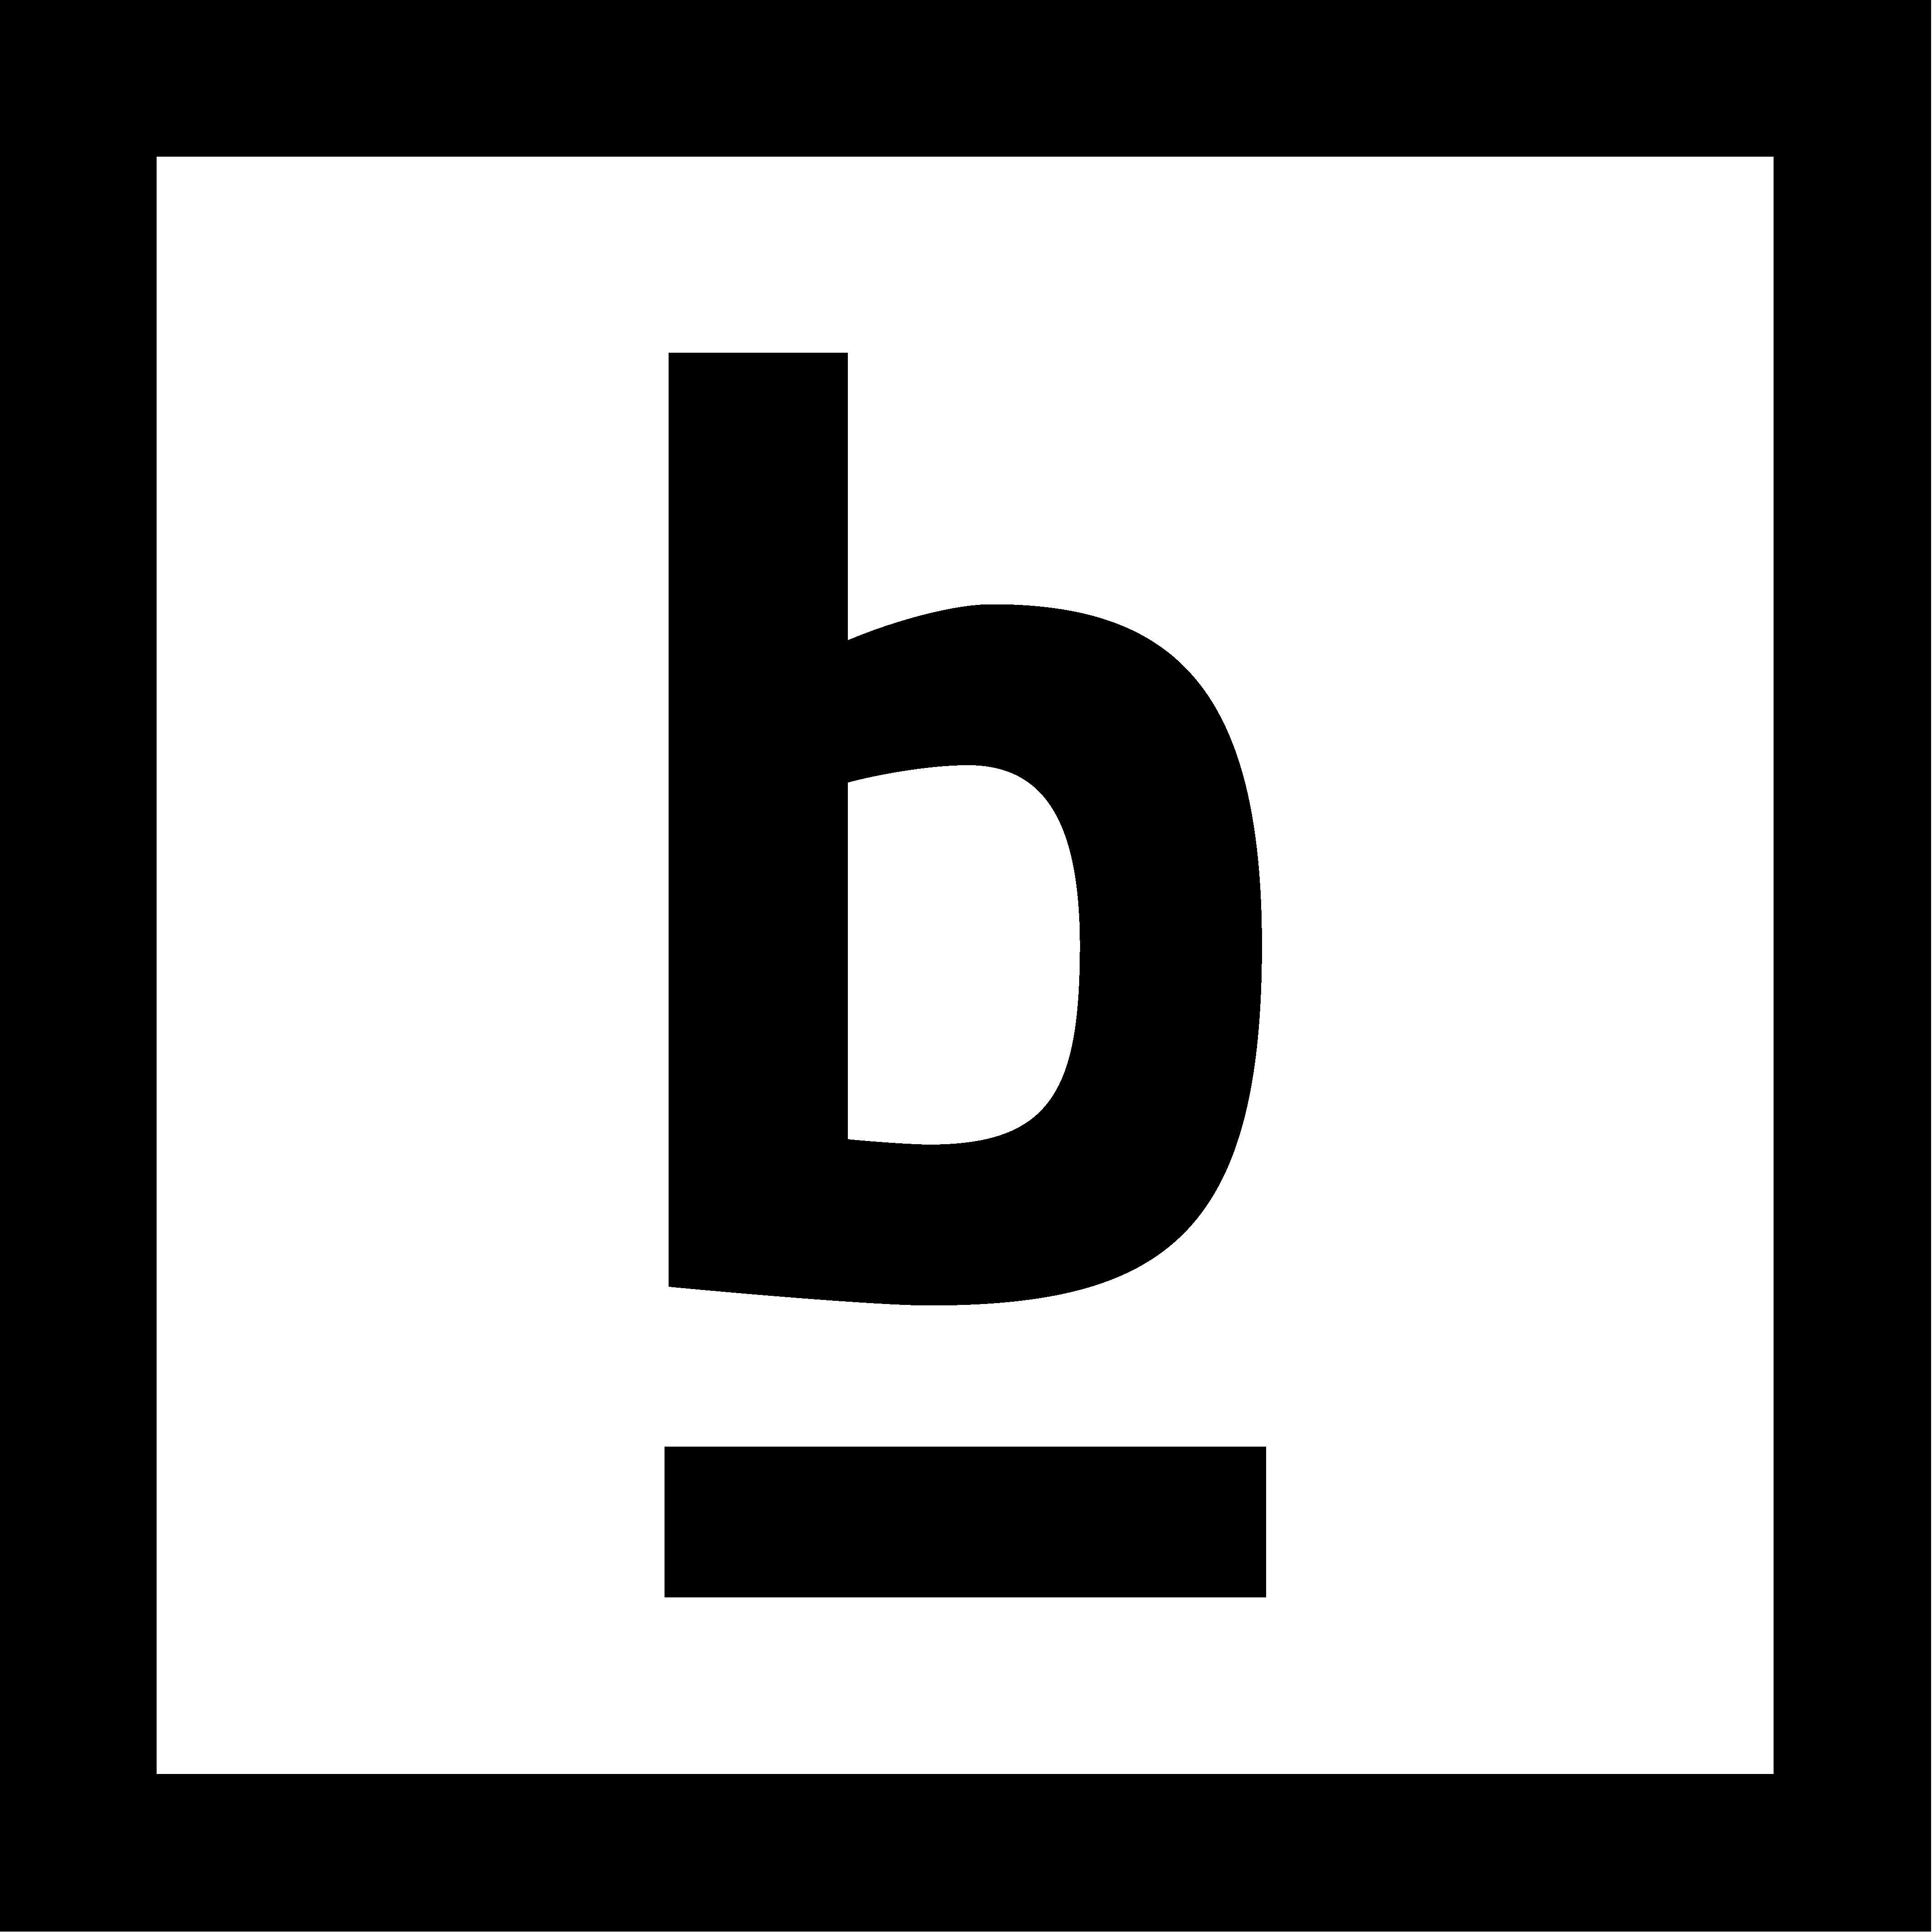 blaenk